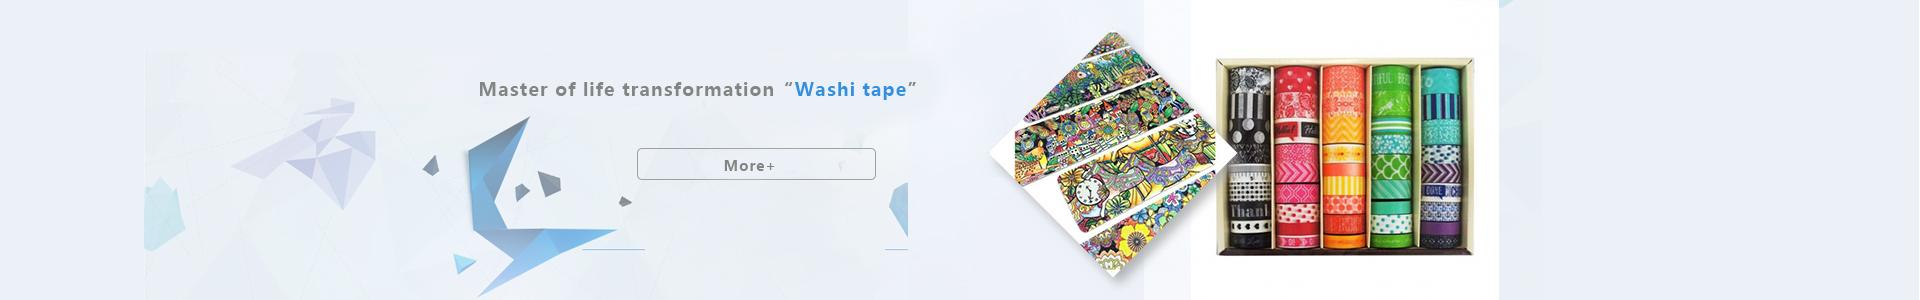 Washi tape printing